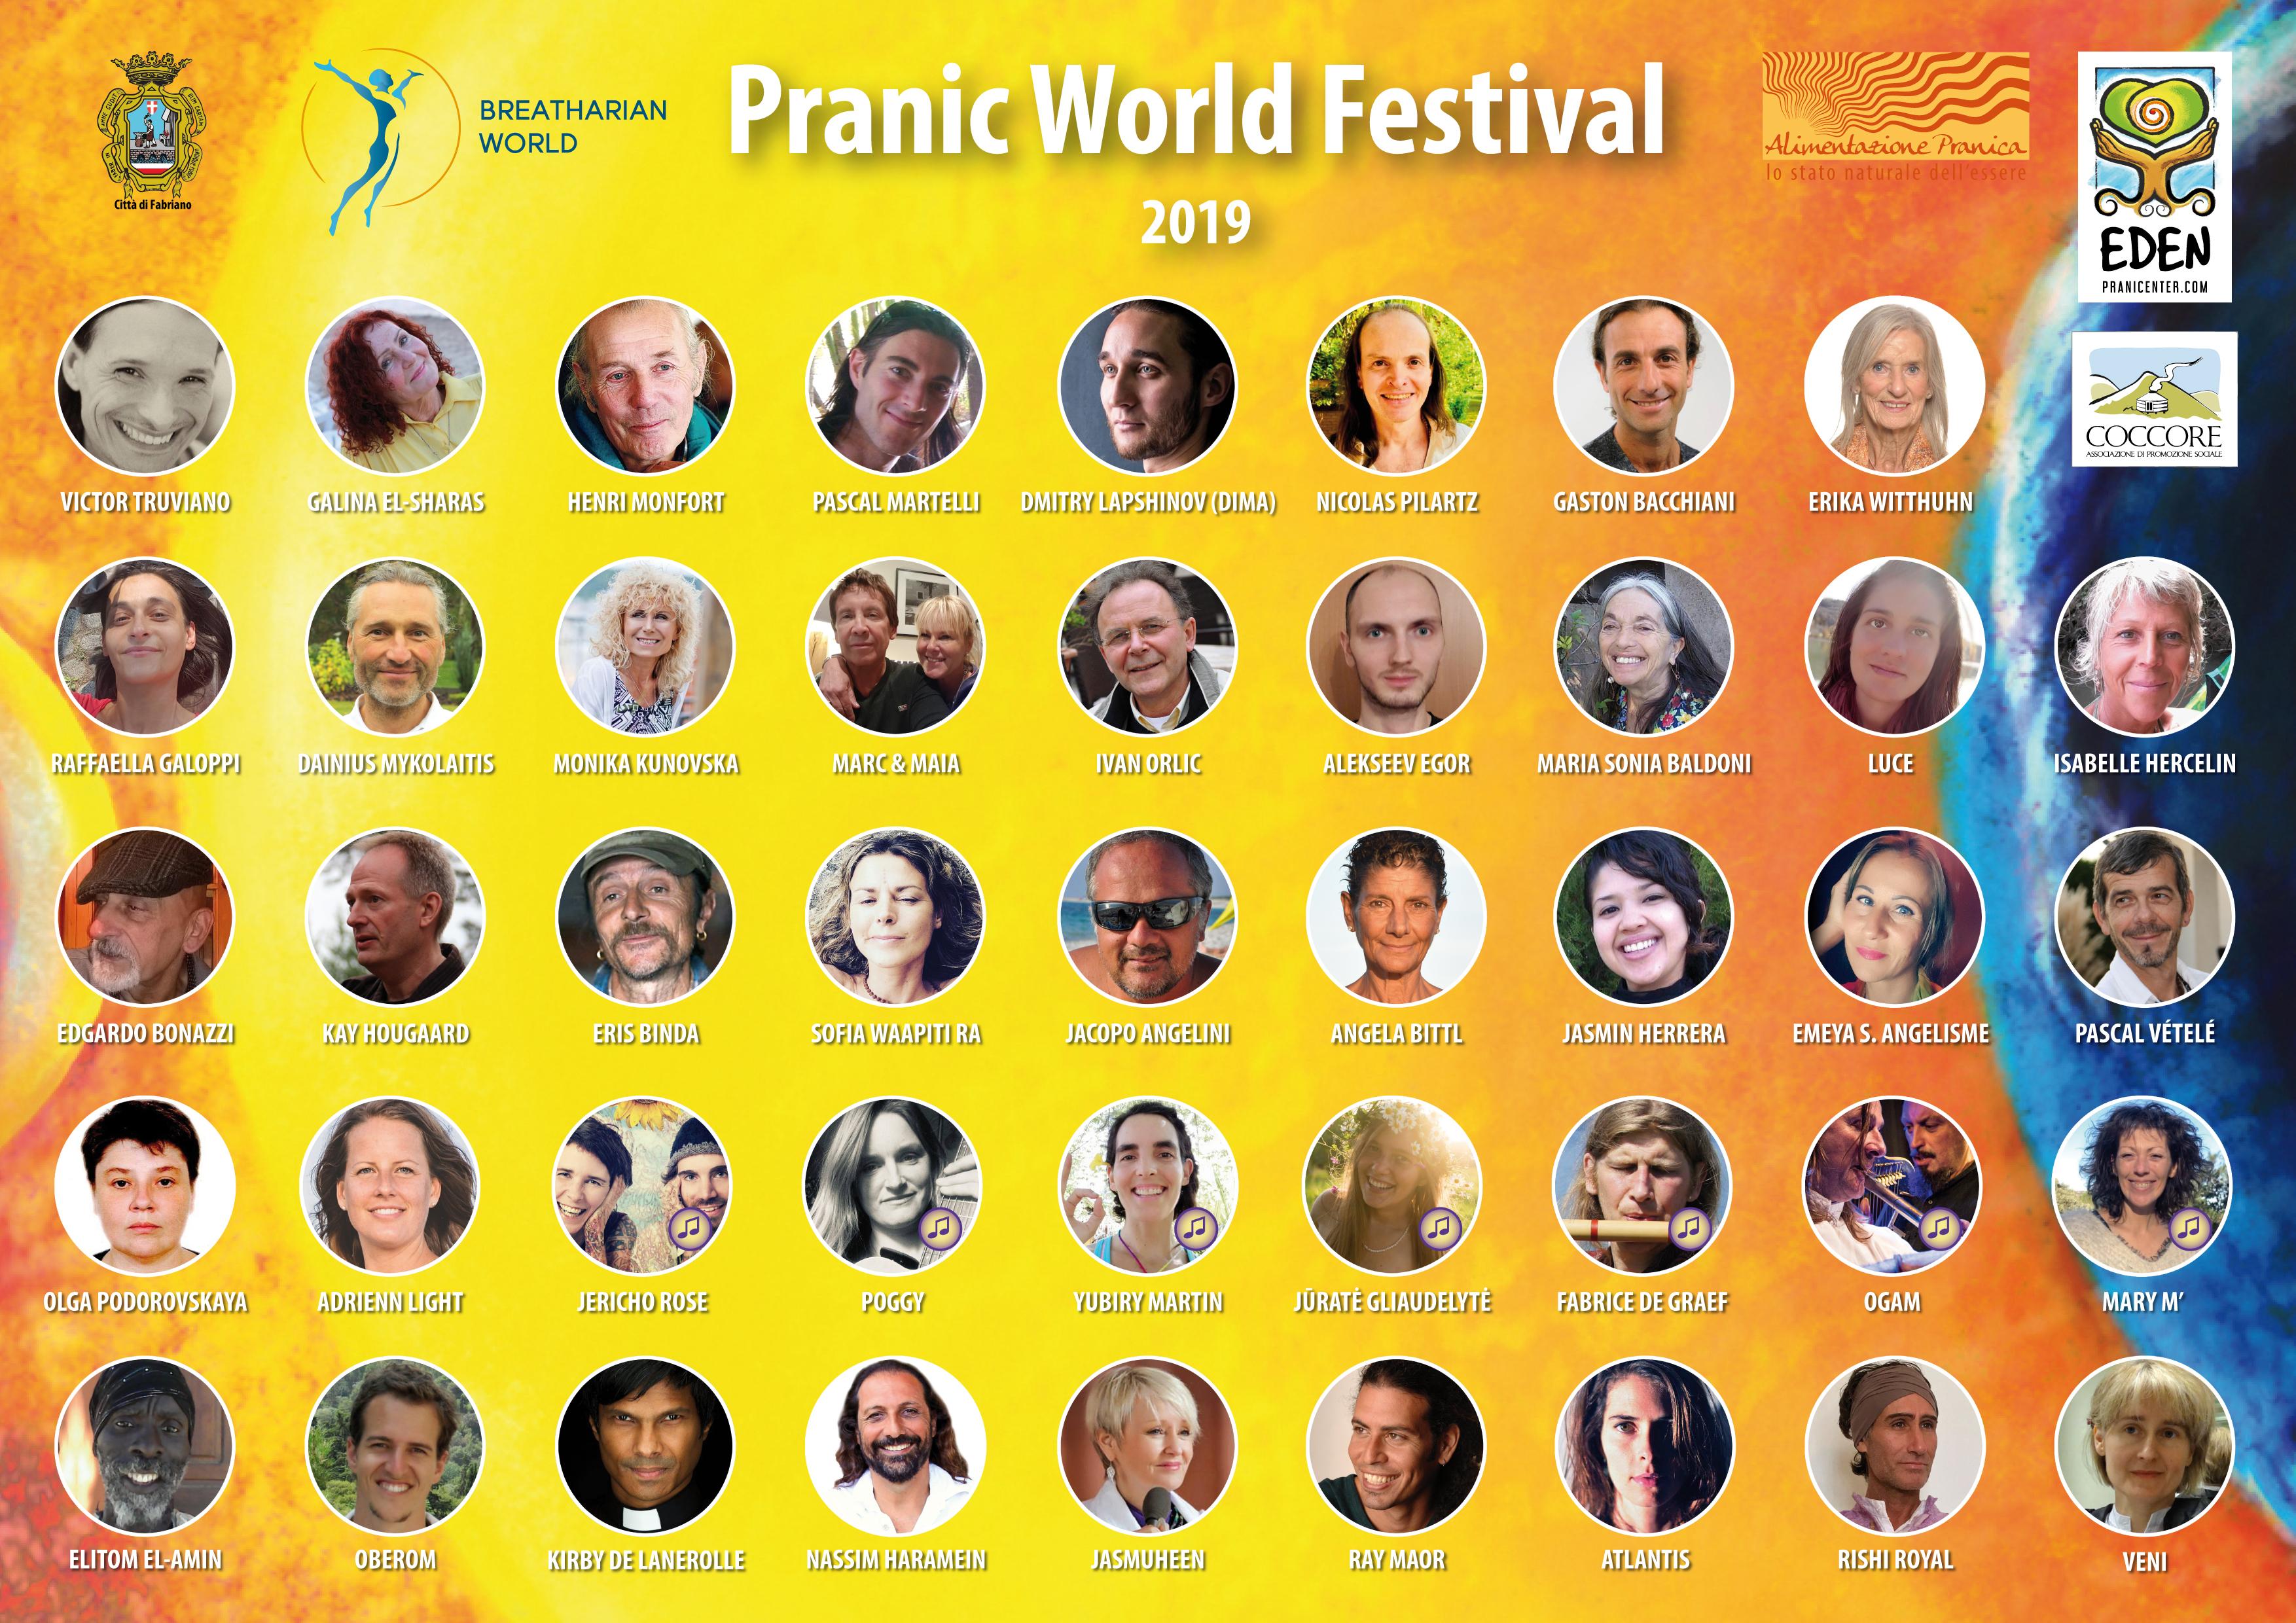 poster Pranic World Festival 2019